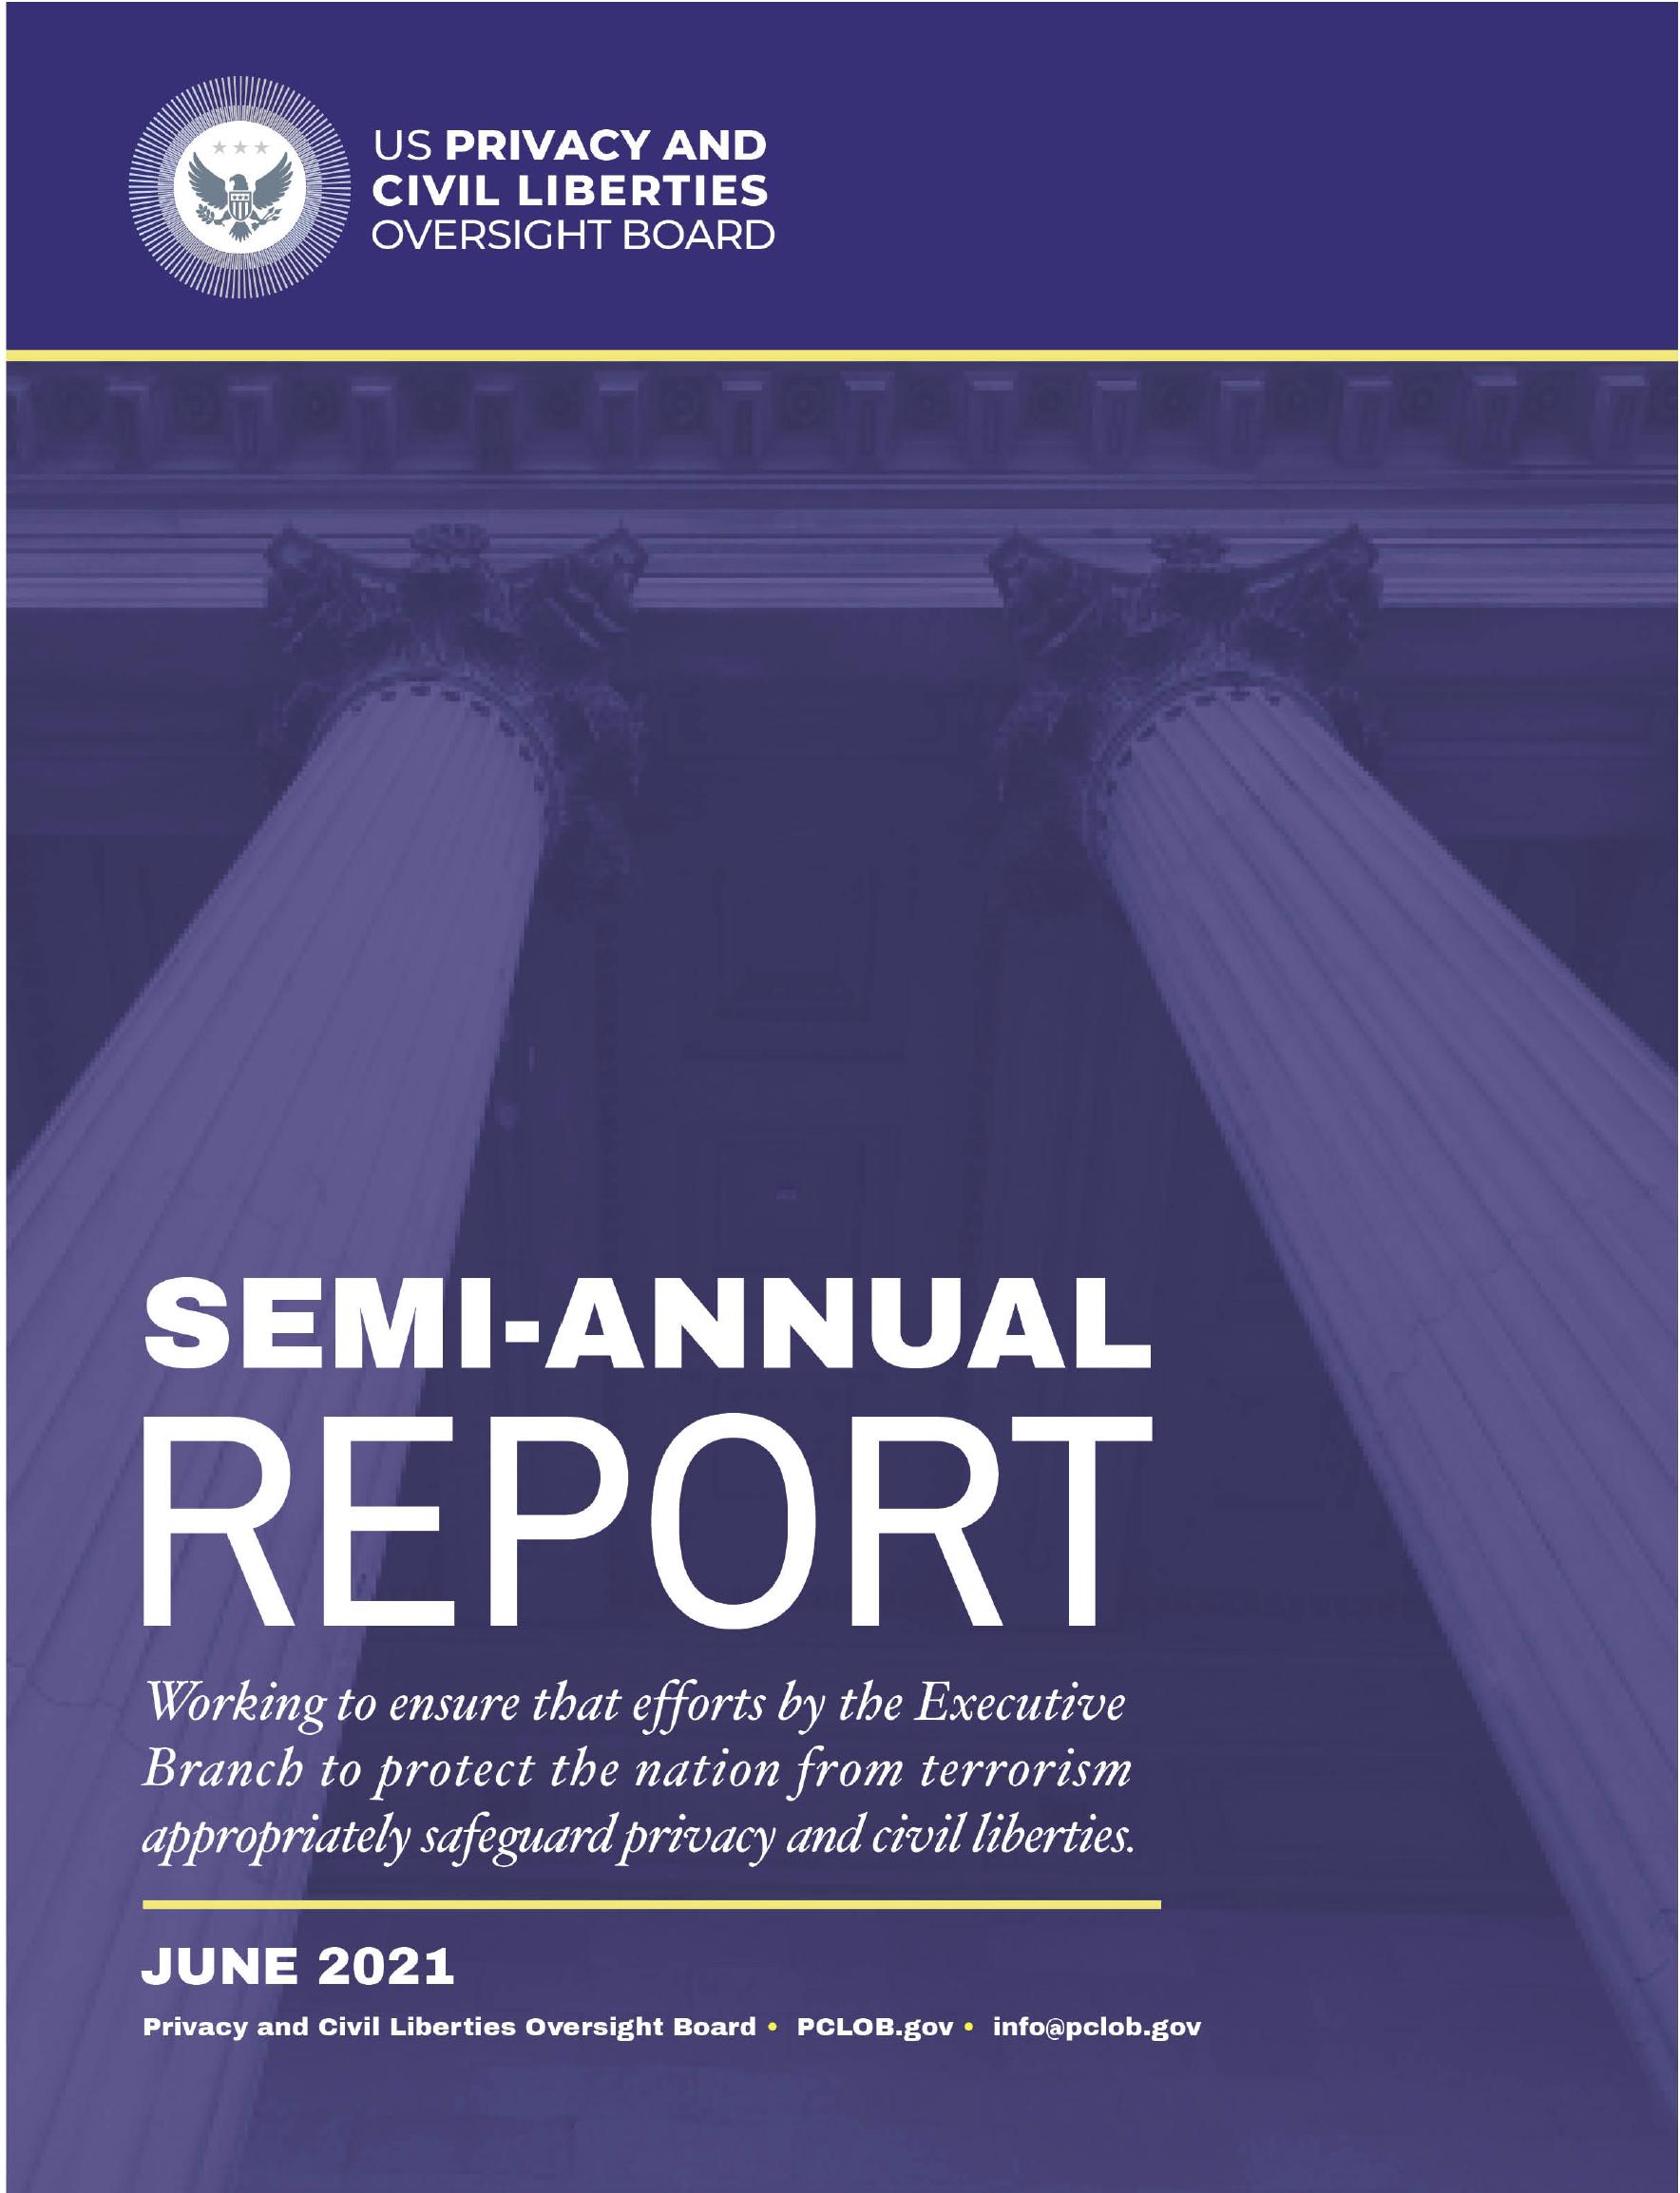 download June 2021Semi-Annual Report